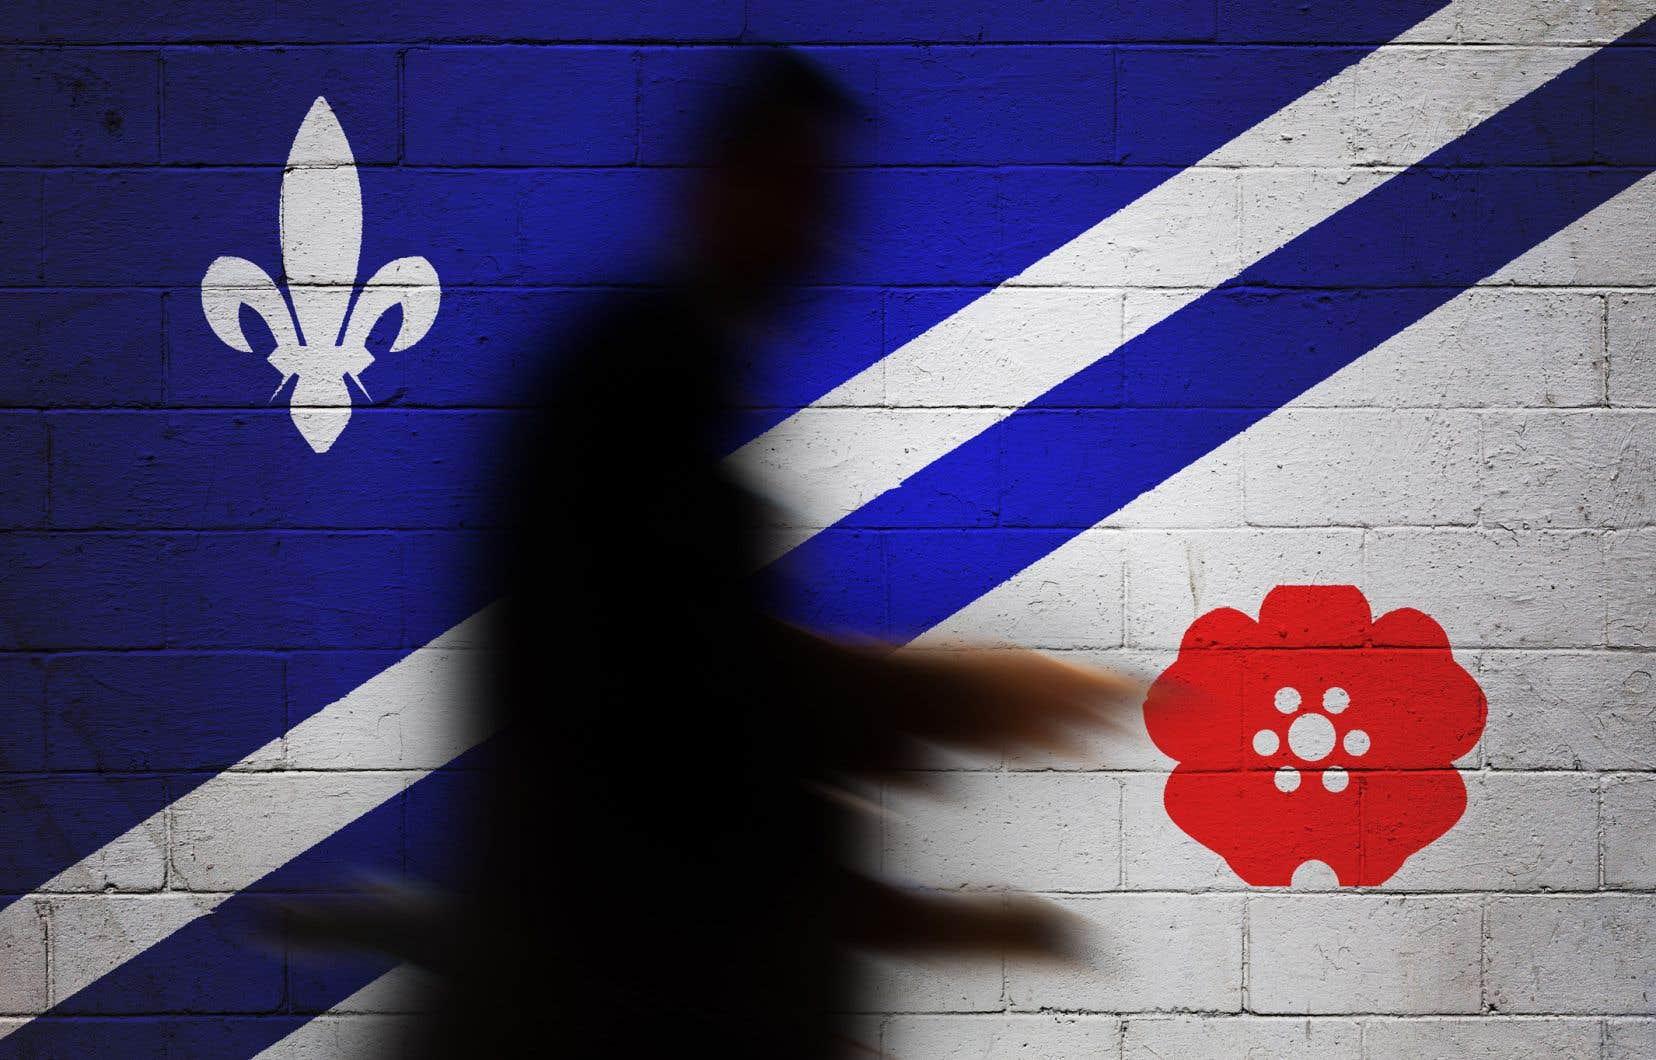 Pour une deuxième année consécutive, le drapeau franco-albertain flottera moins d'un jour au-dessus du parlement au lieu d'un mois, comme l'avait décidé en 2017 l'ancien gouvernement néodémocrate.